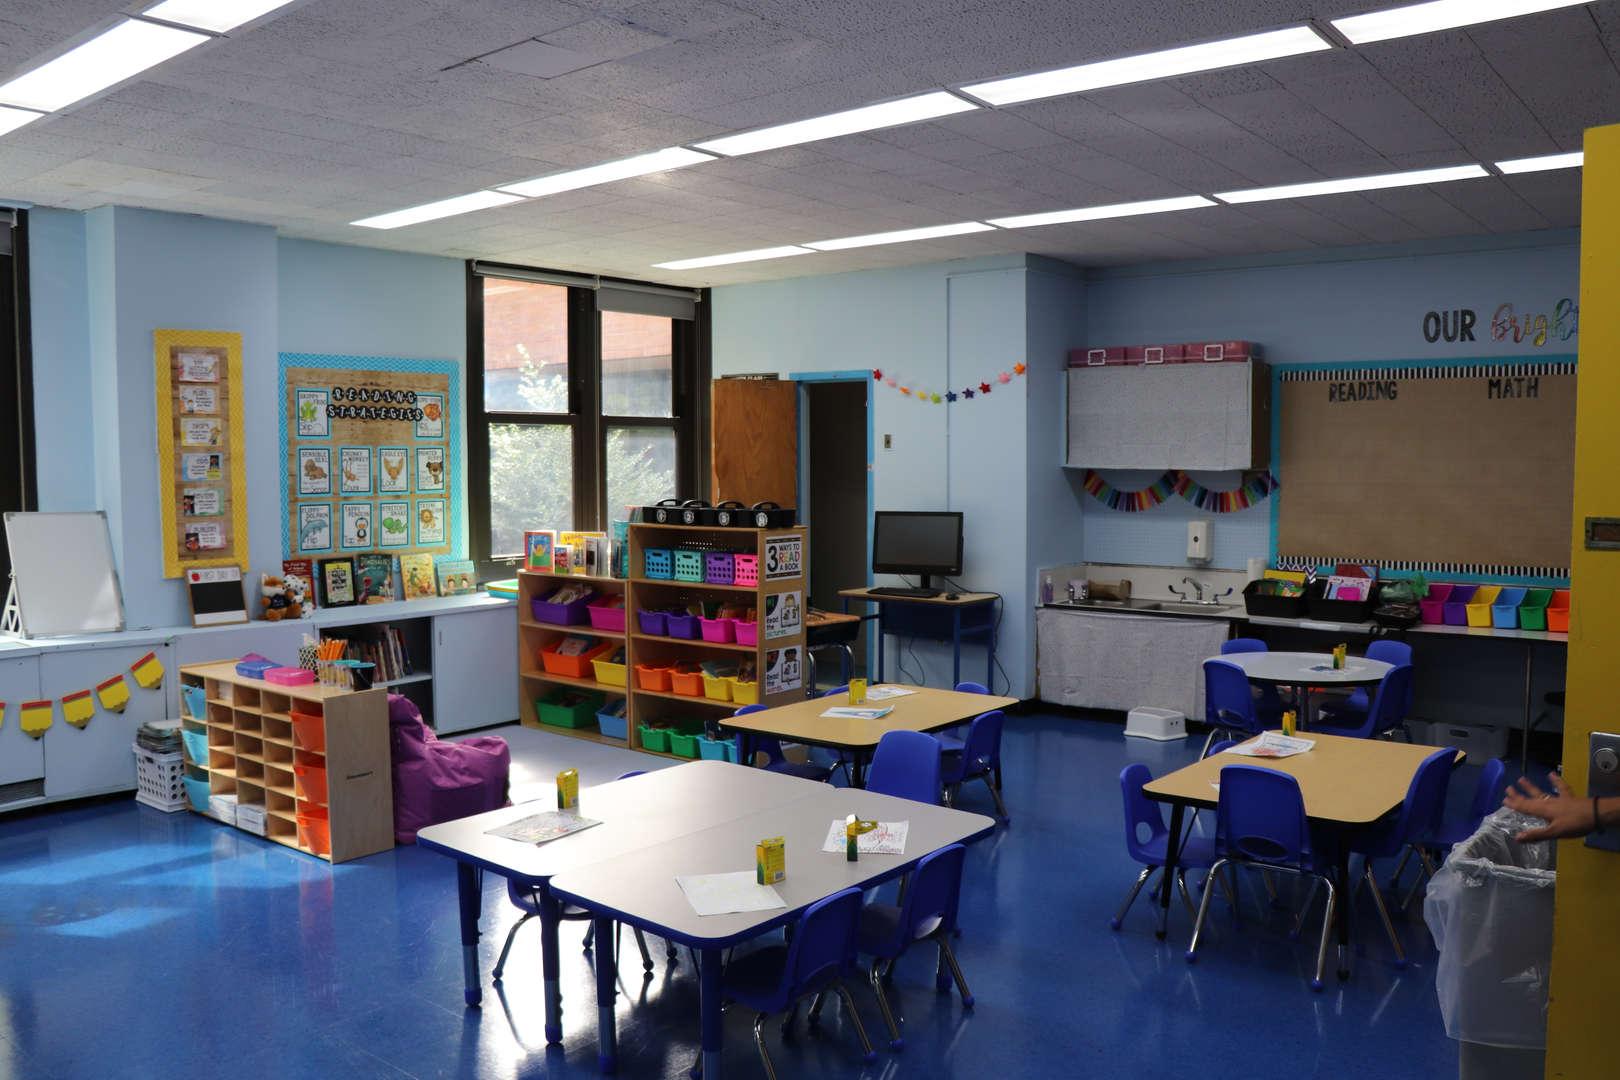 A kindergarten classroom.